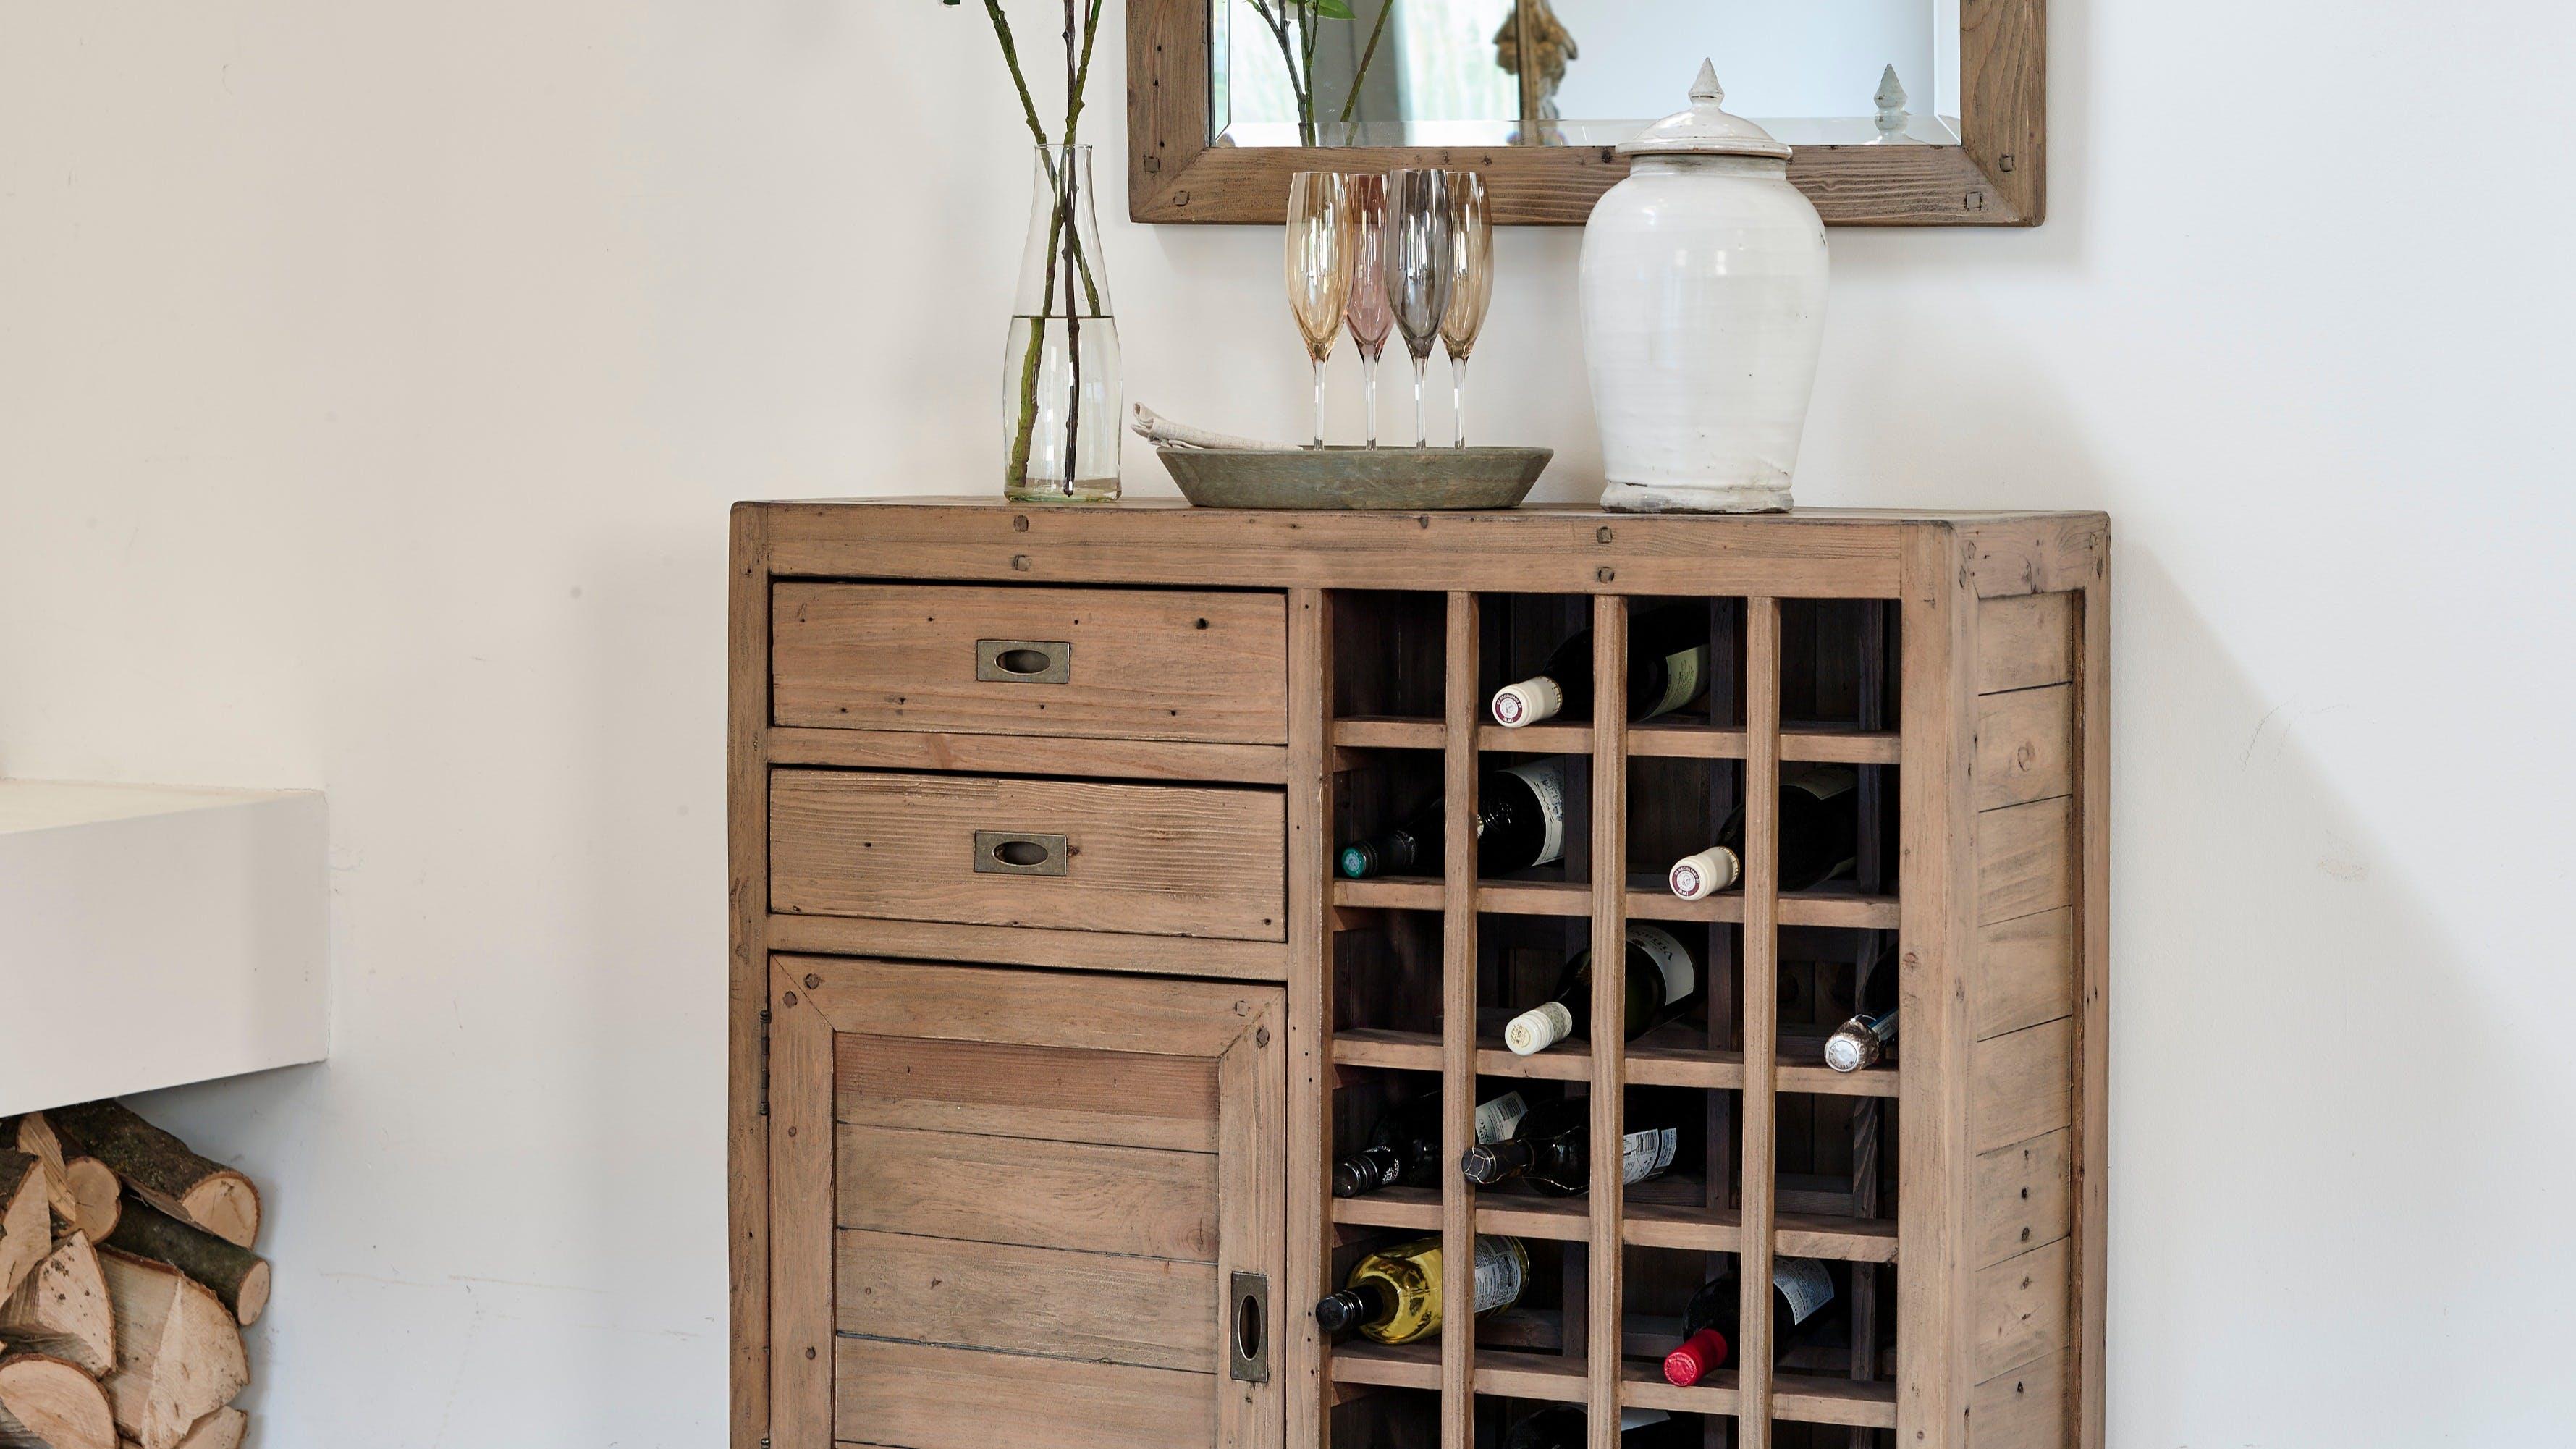 Meubles de rangement en bois recyclé : bibliothèque, coffre, buffet...